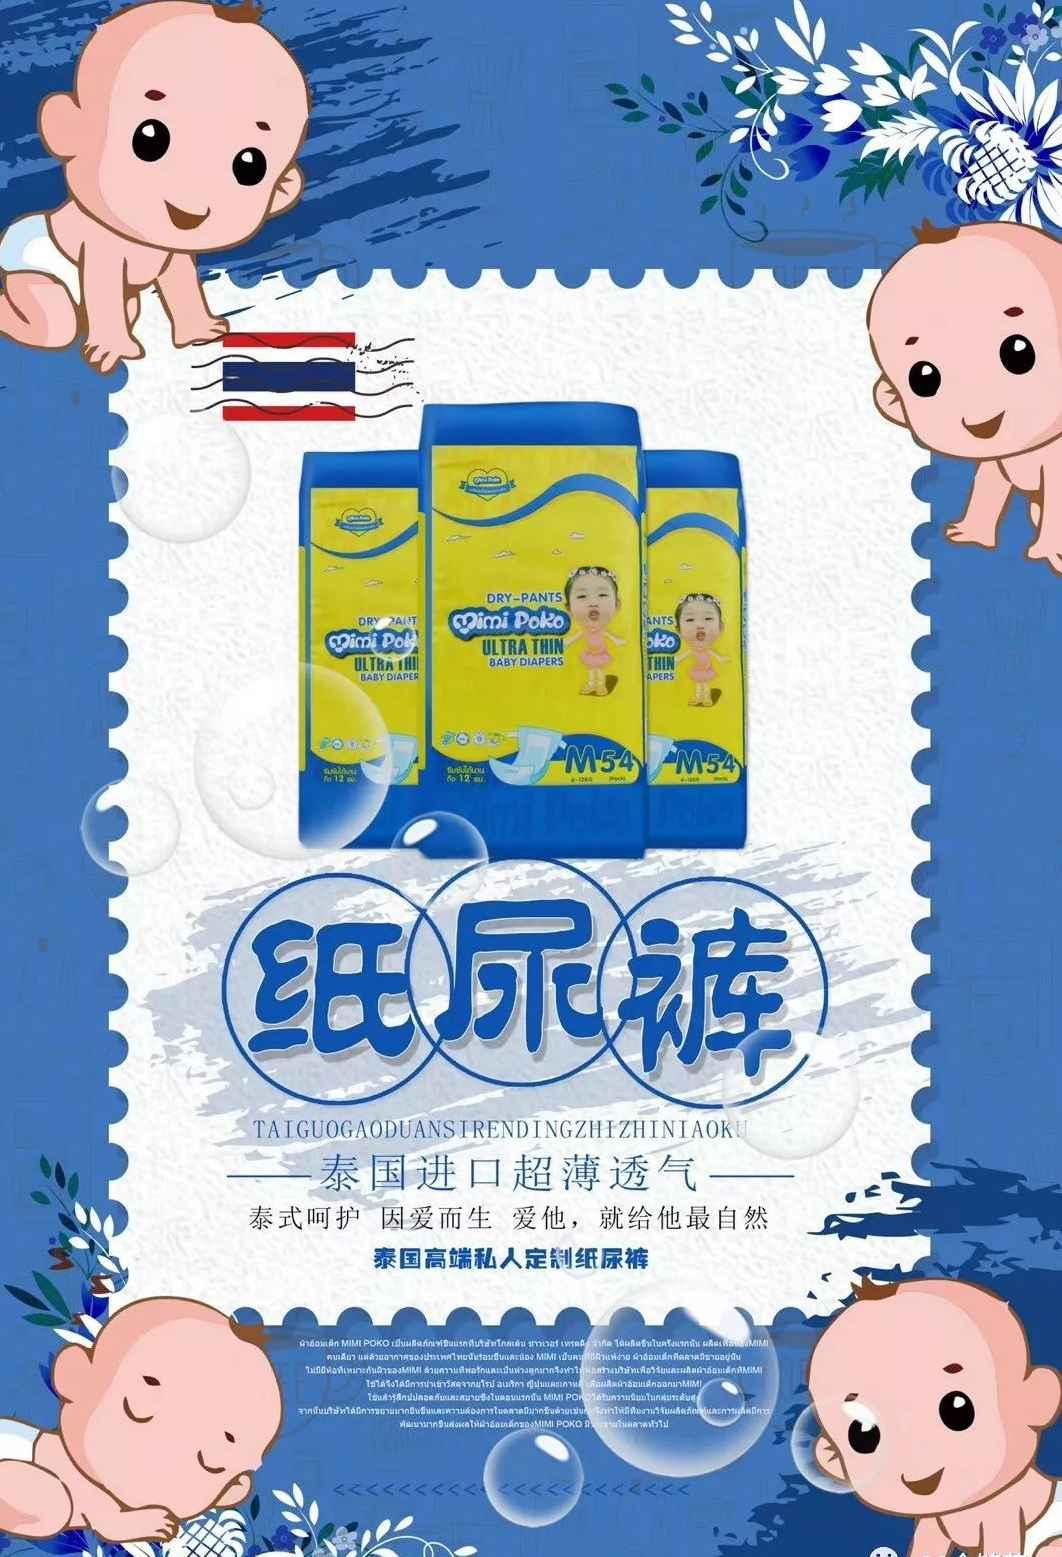 婴儿纸尿裤尺码选择